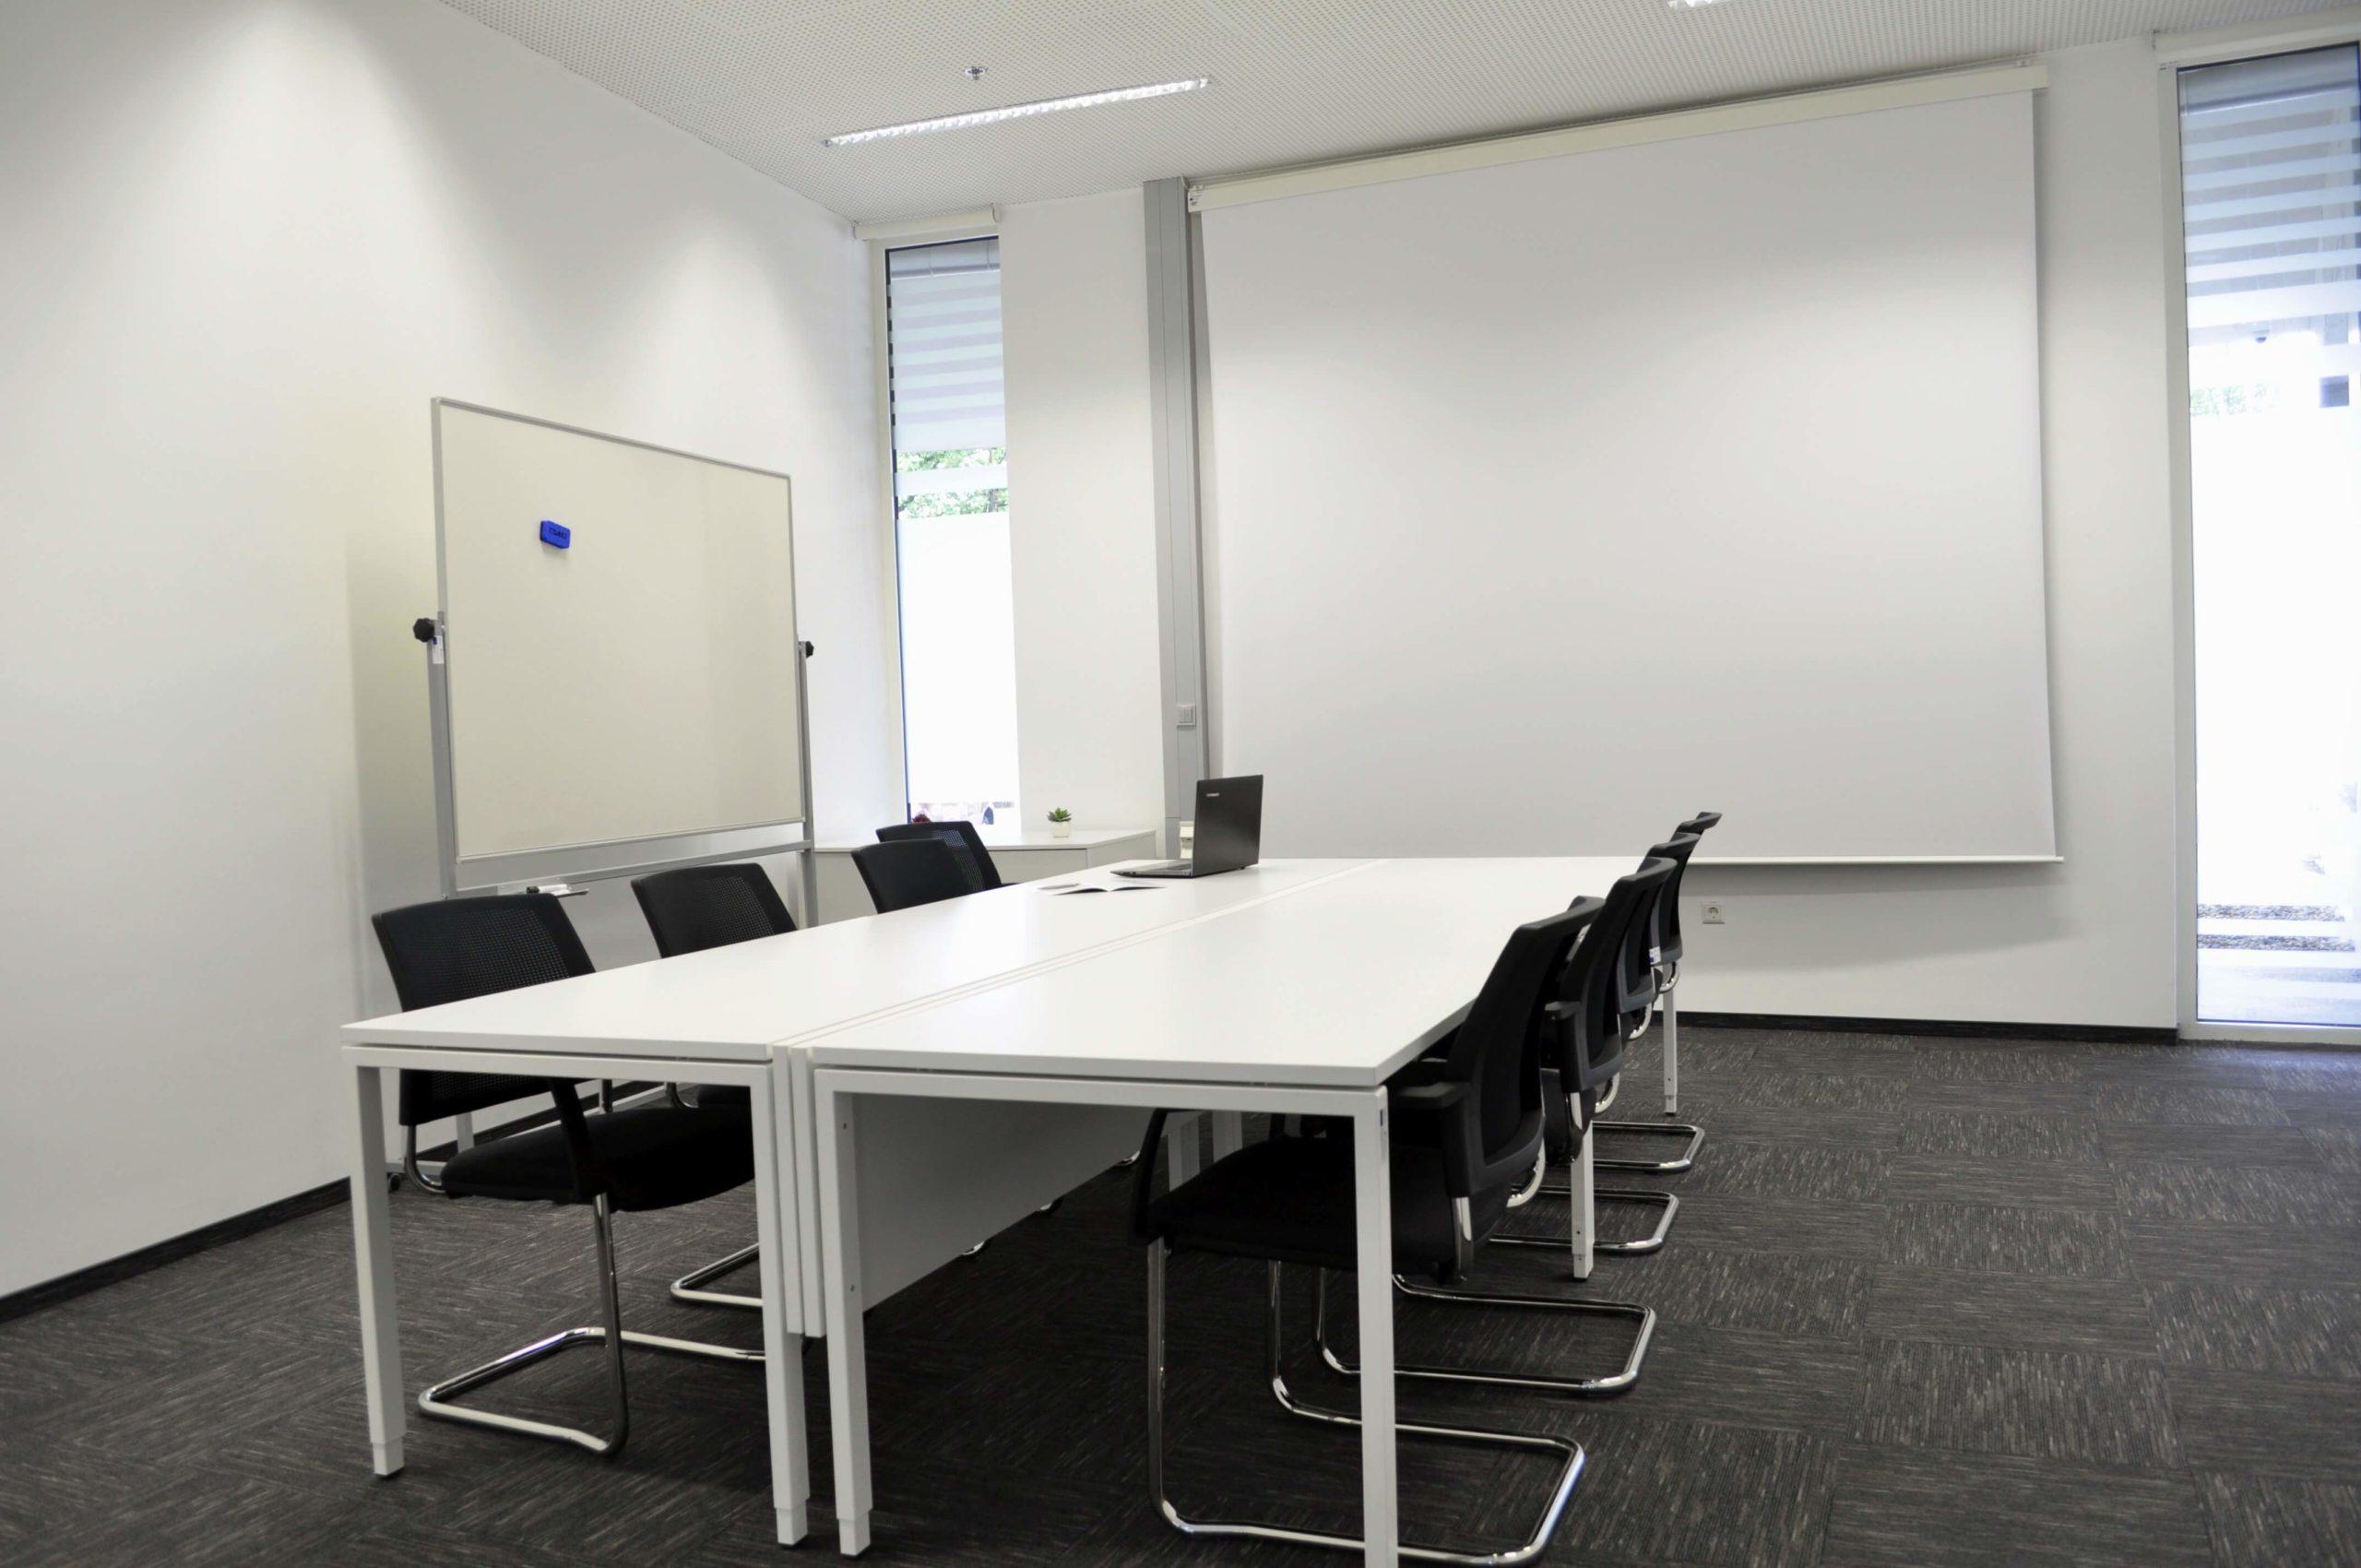 Meeting room 1/3